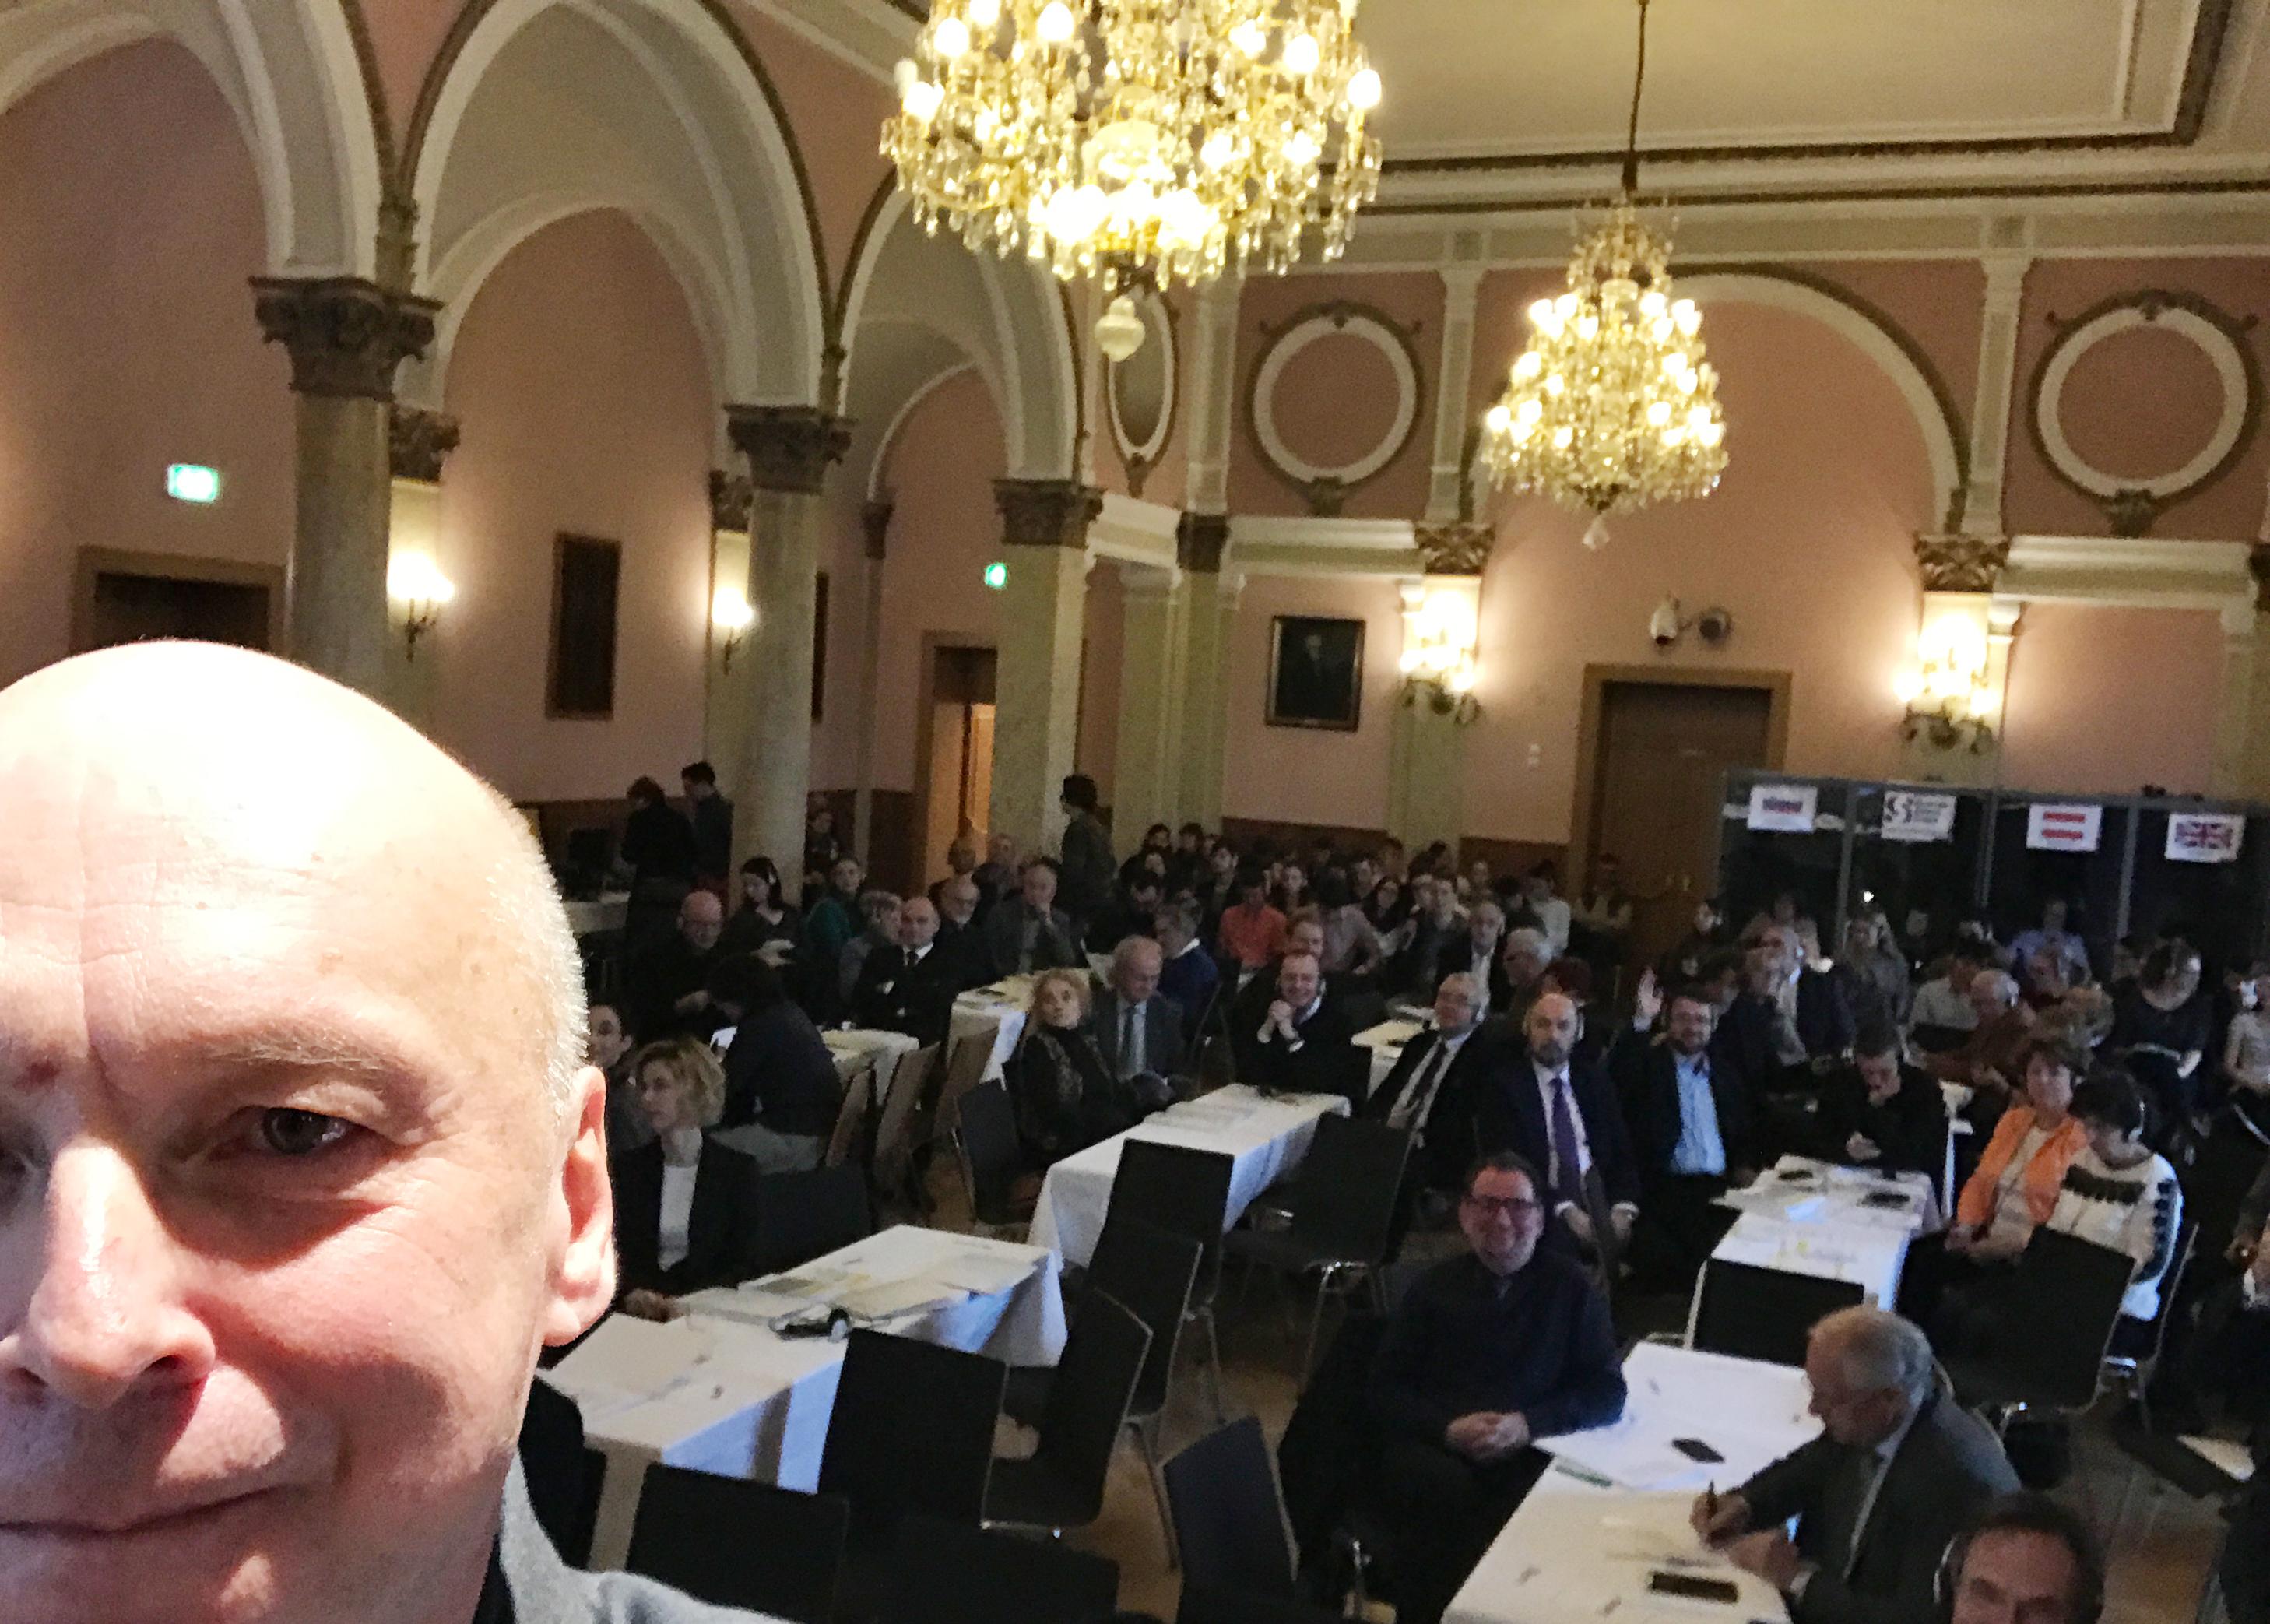 Skupno razmišljati o digitalni preobrazbi družbe - podij pri 28. Evropskem kongresu narodnih skupnosti  - Najprej selfie, potem predavanje, vmes pa #volksgruppenkongres